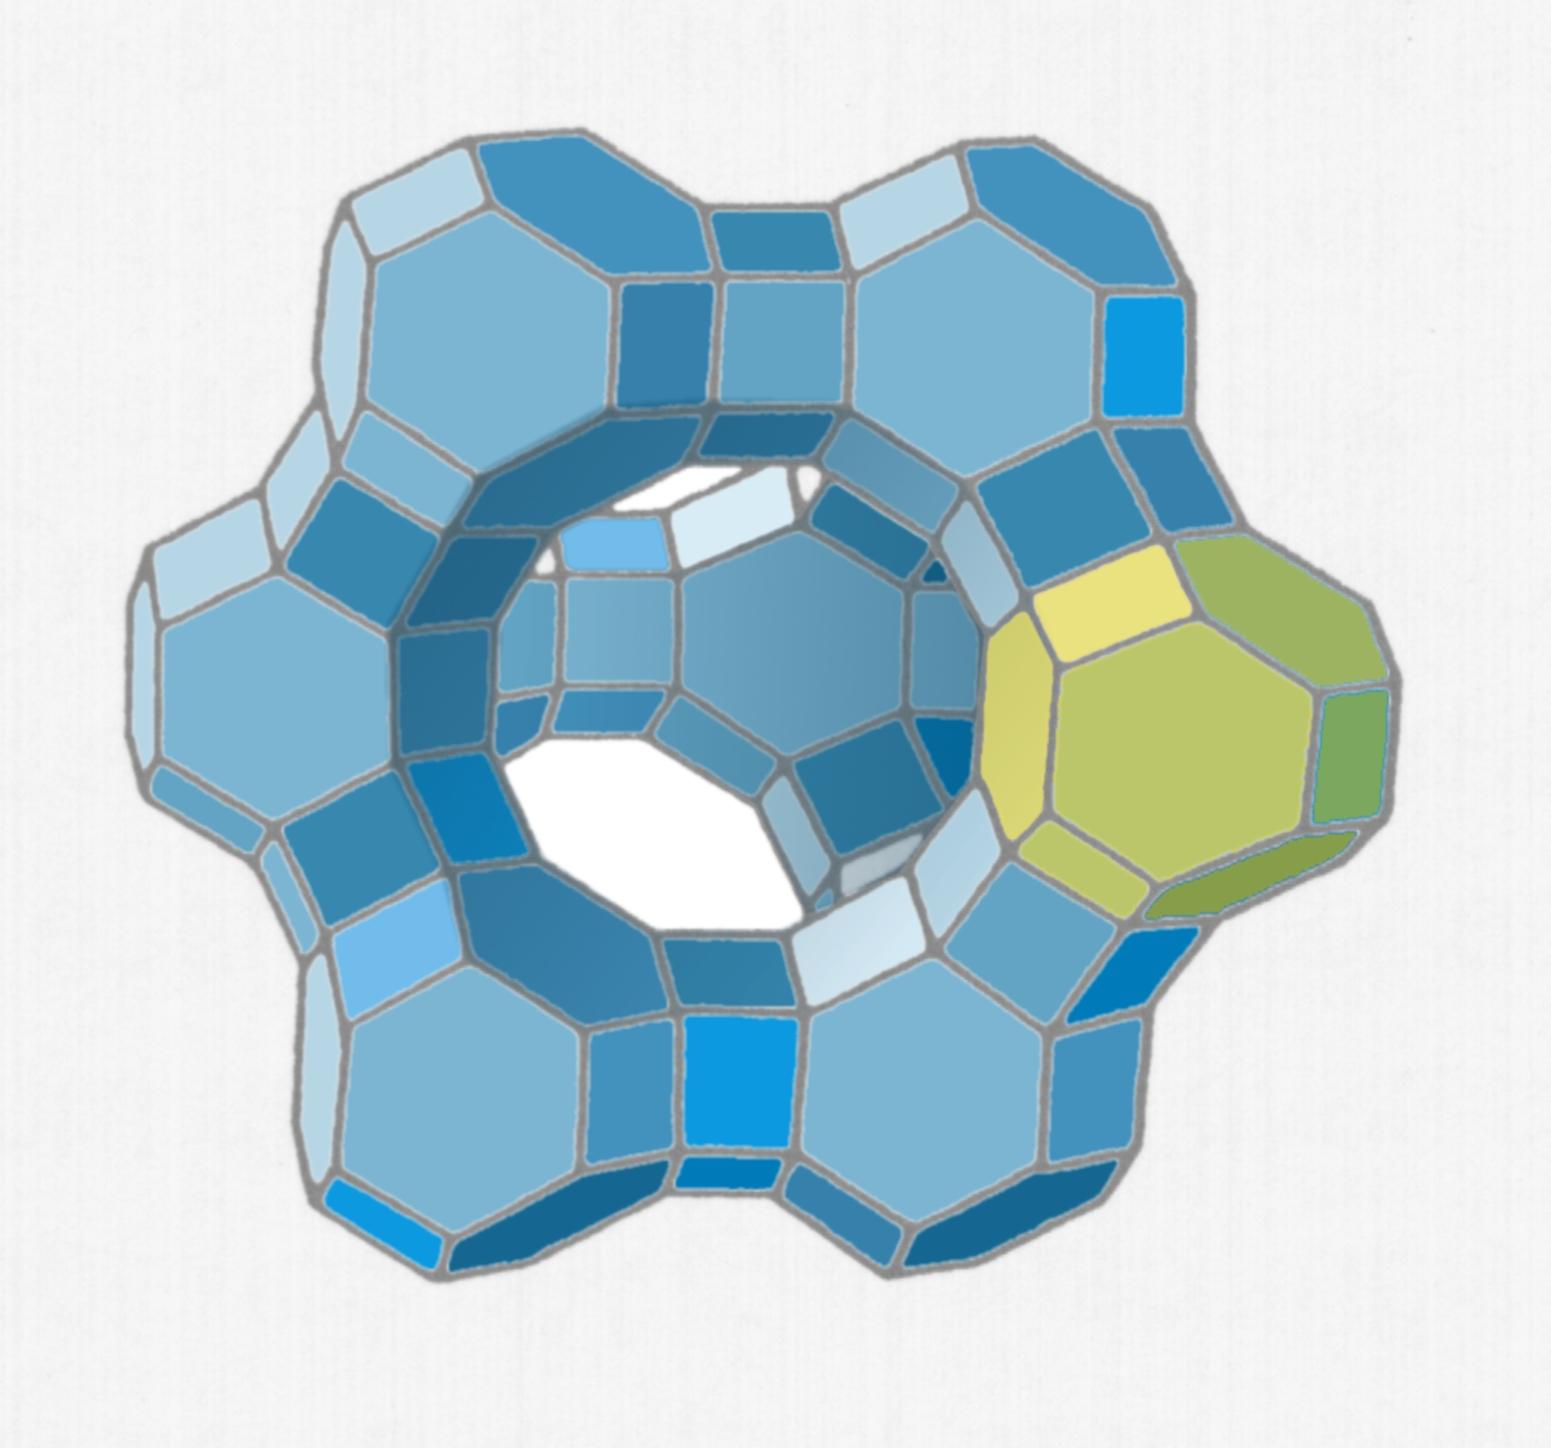 Struktur ist nicht alles: (Natur)zeolithe und ihre variablen Eigenschaften